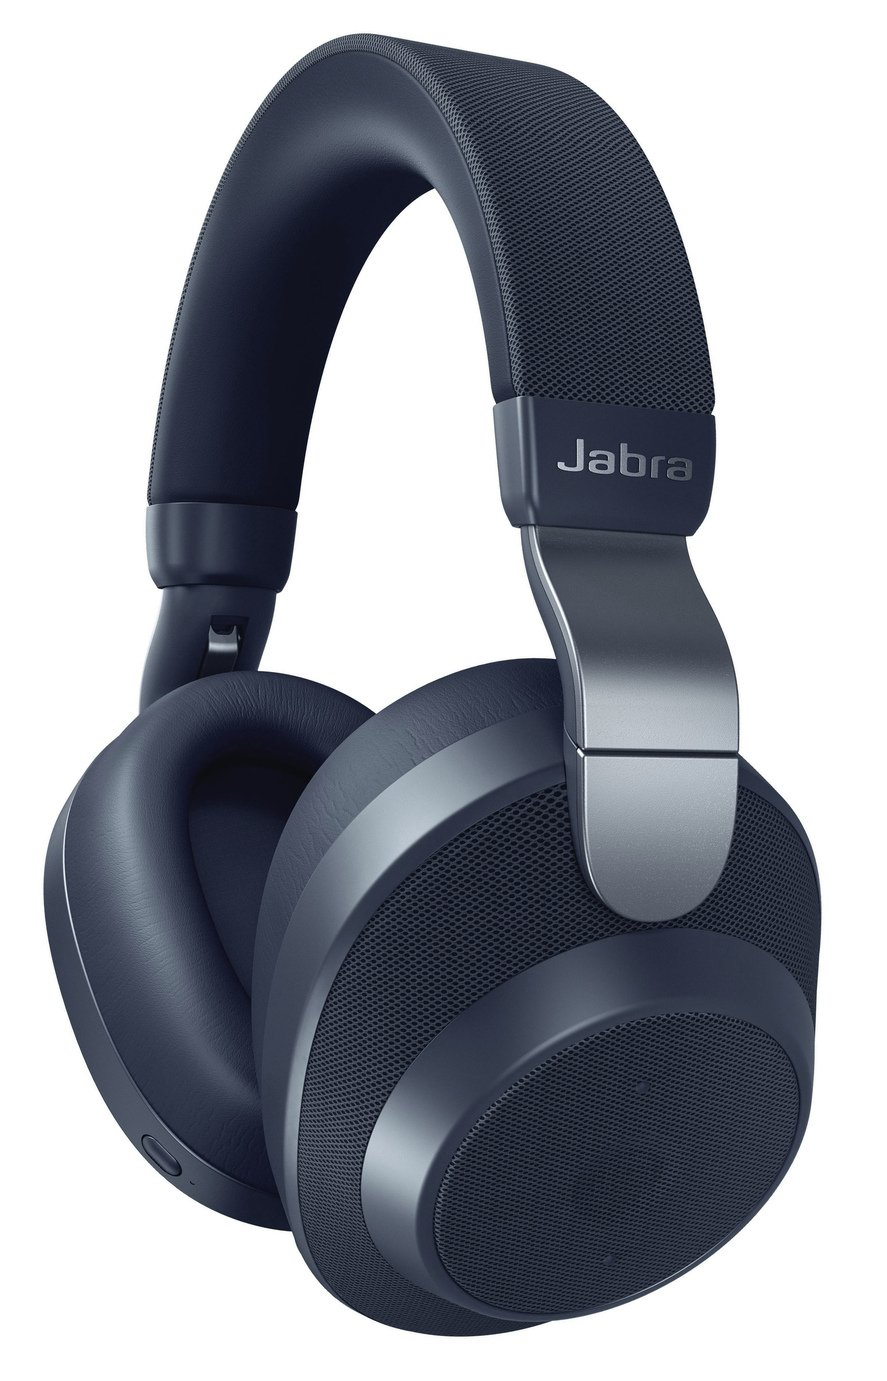 Jabra Elite 85h Over - Ear Wireless Headphones - Navy